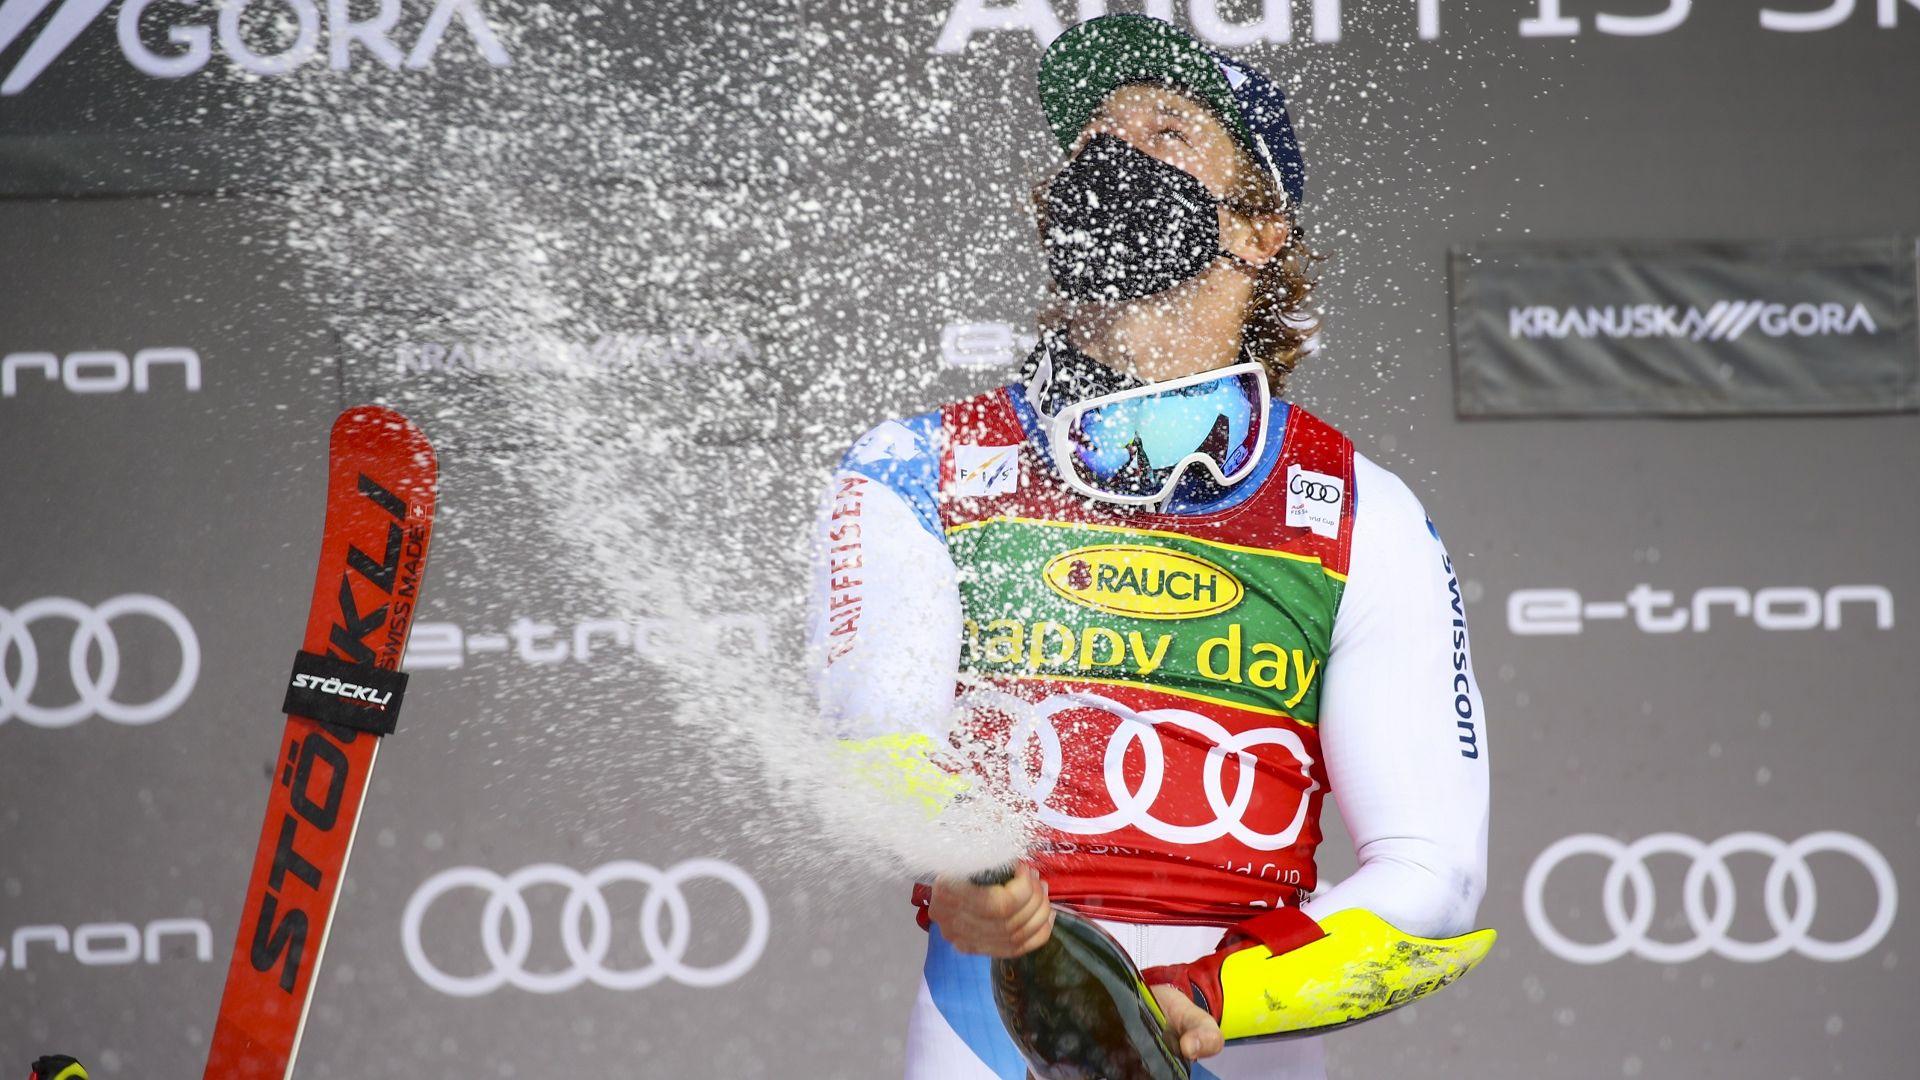 Швейцарец спечели в Словения и дръпна пред Пентюро за малкия Кристален глобус